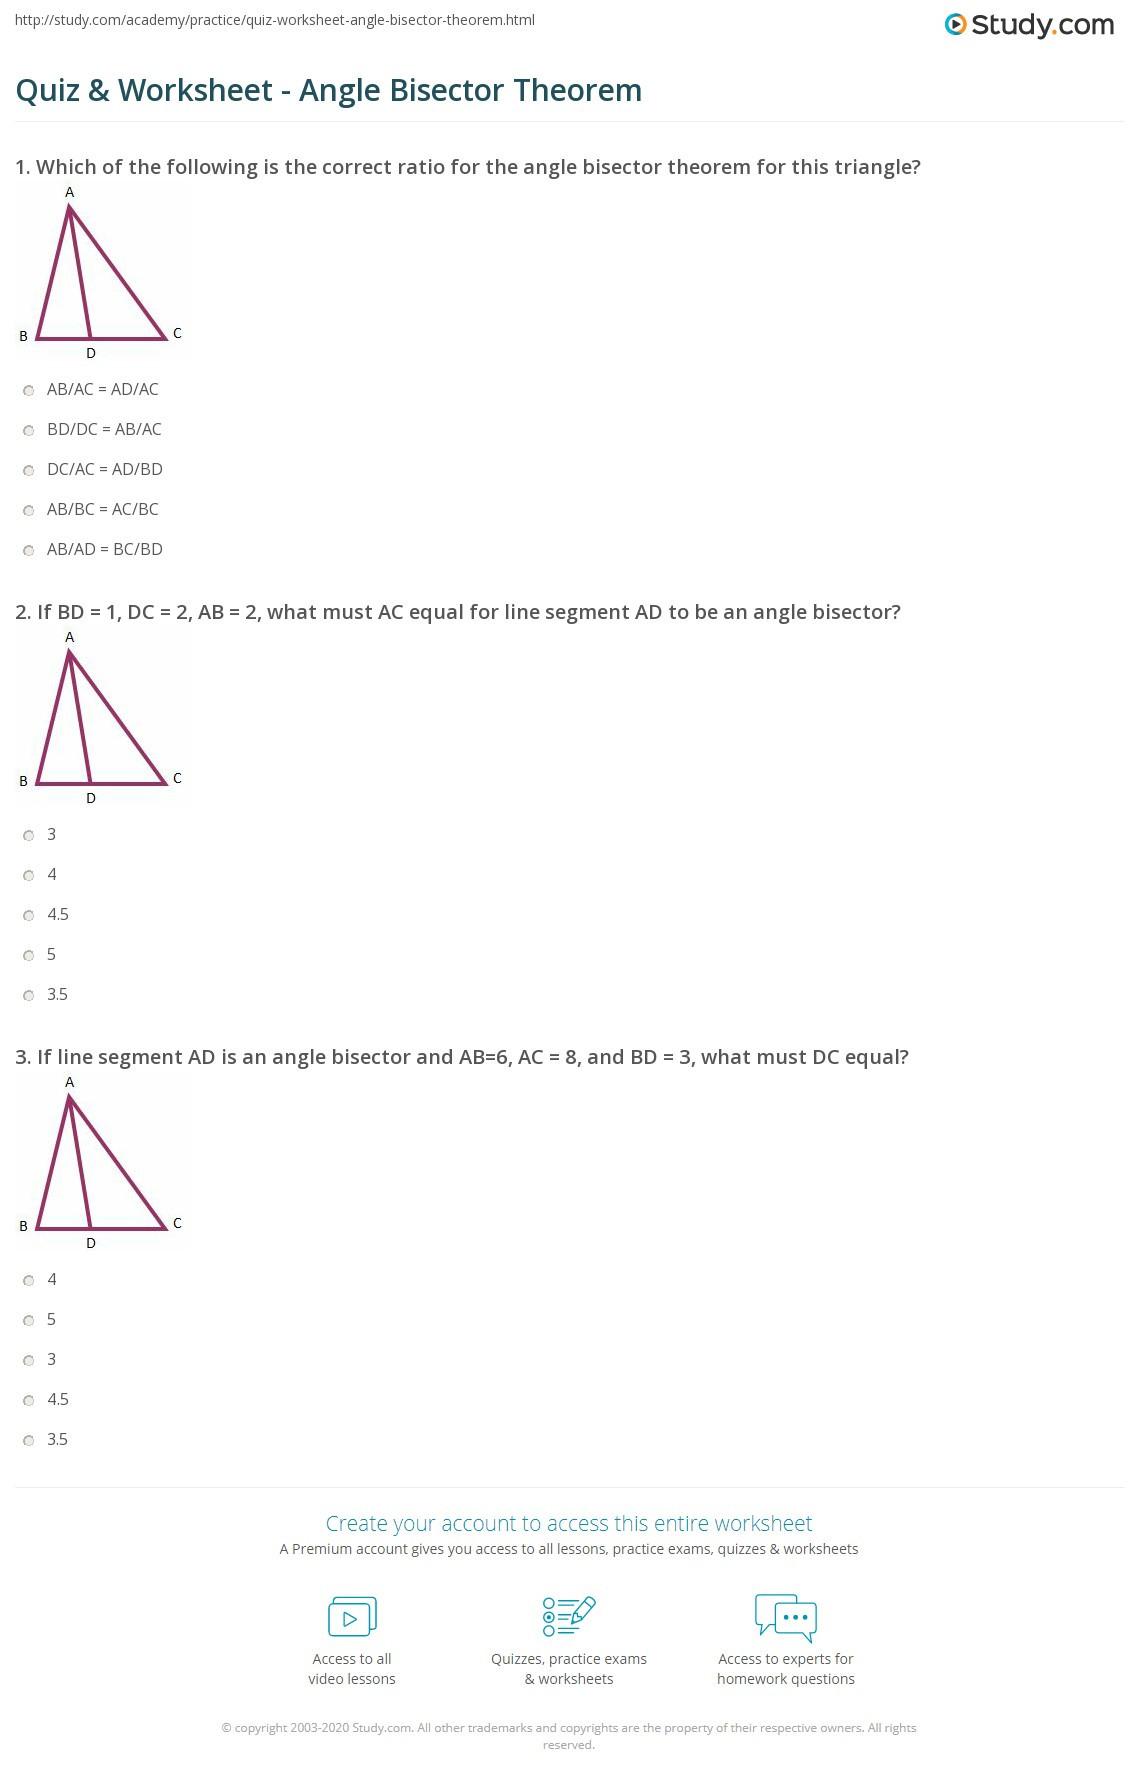 Angle Bisector Theorem Worksheet